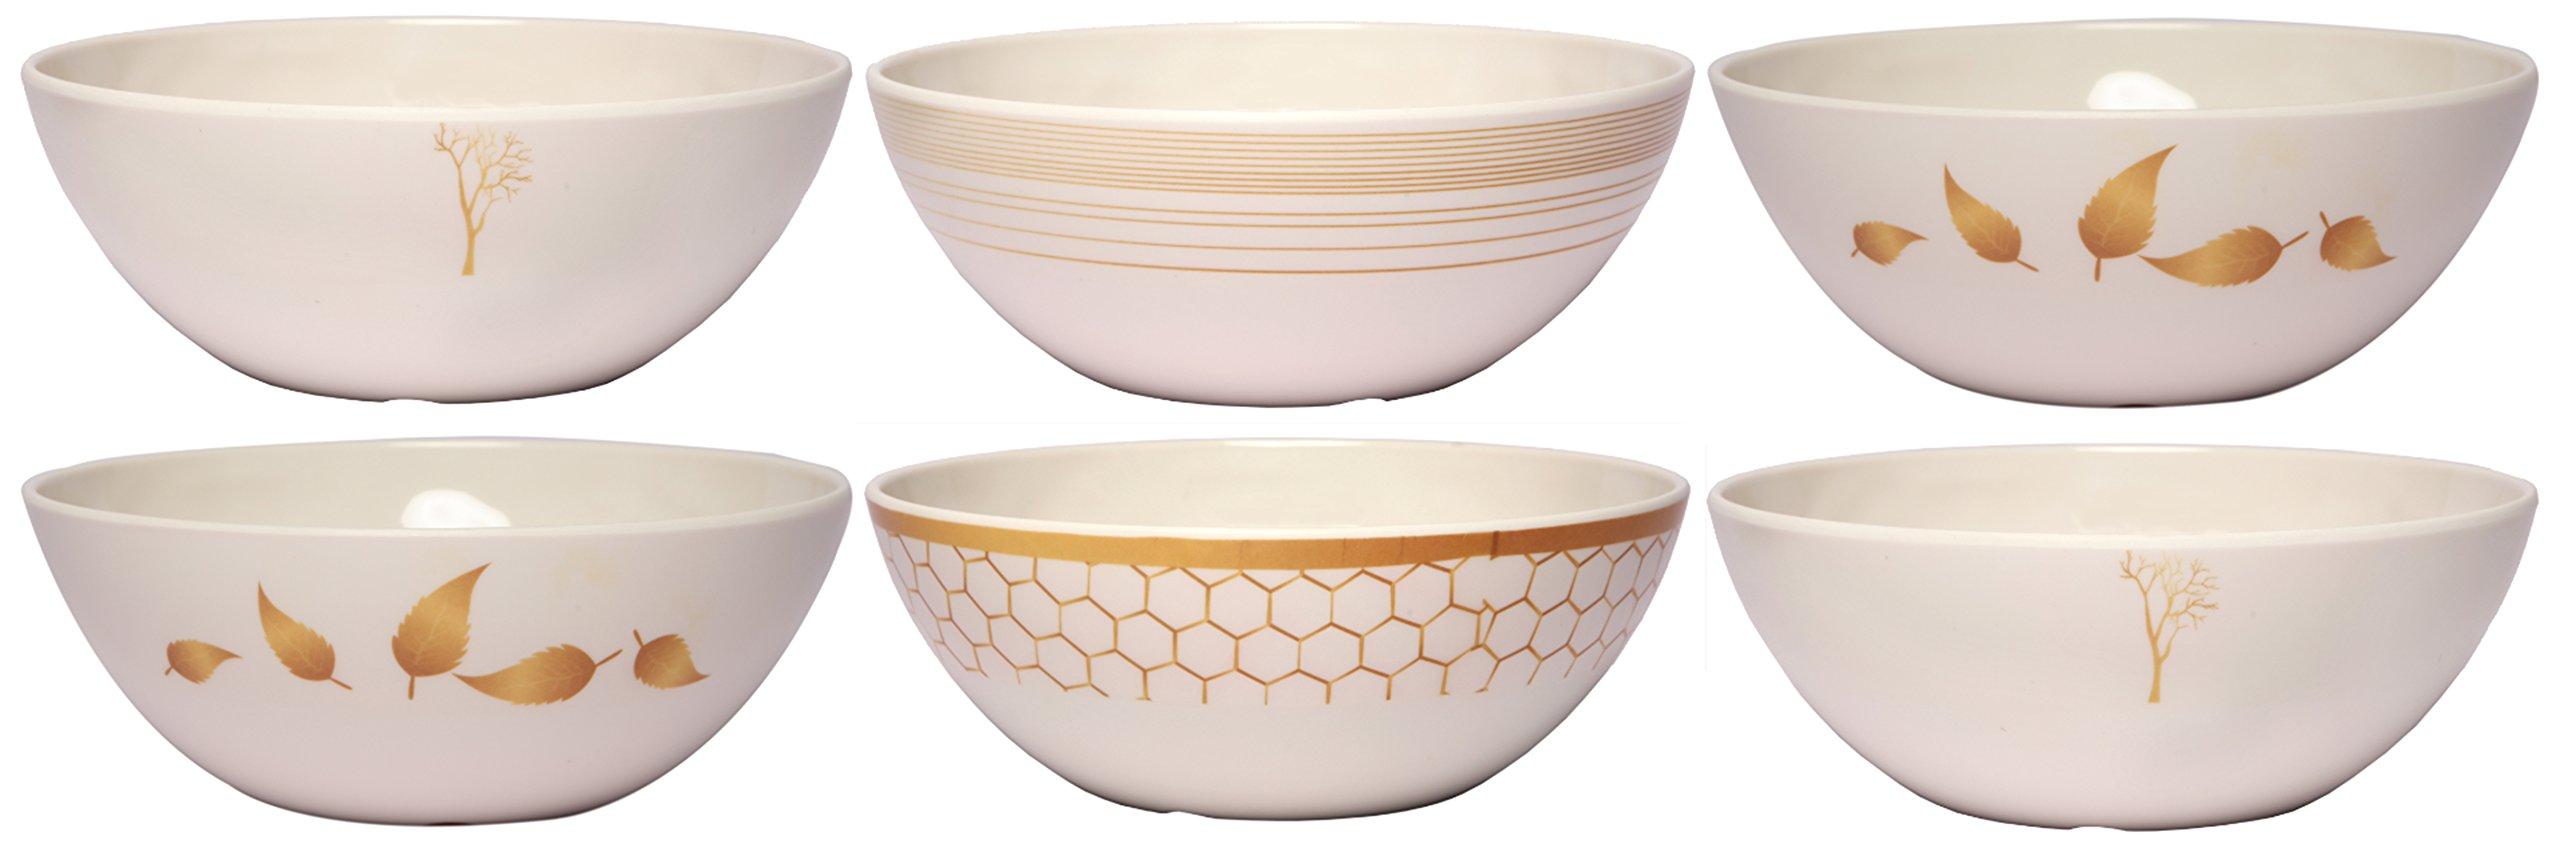 Melange 6-Piece 100% Melamine Bowl Set (Gold Nature Collection ) | Shatter-Proof and Chip-Resistant Melamine Bowls